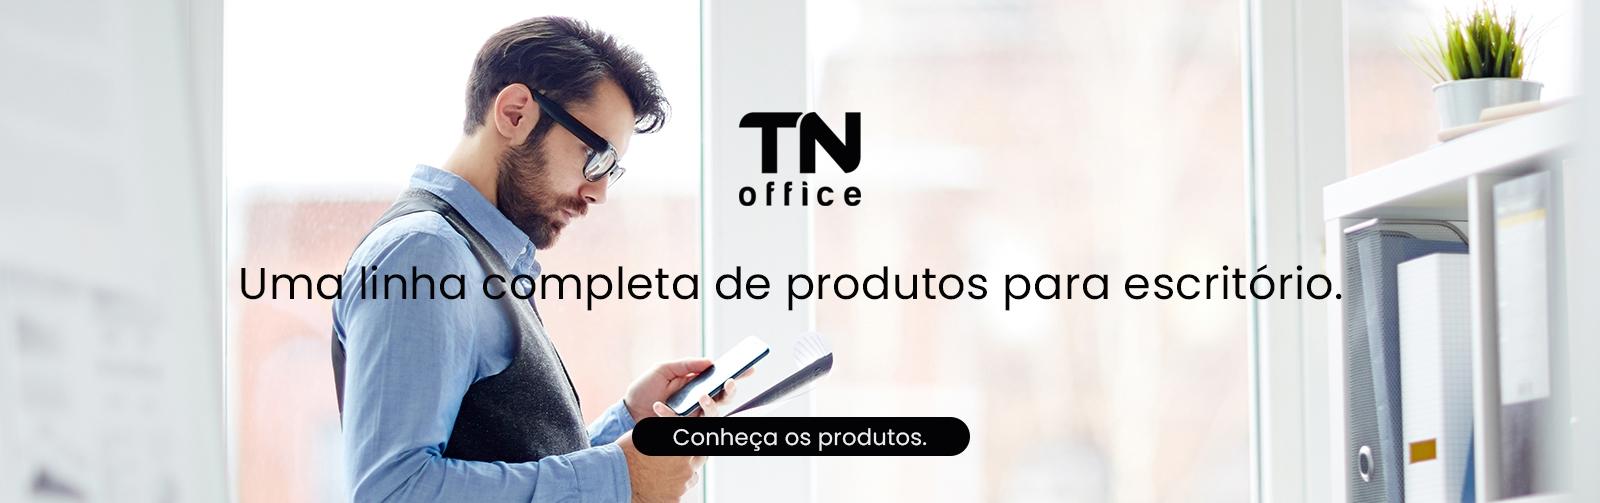 TN OFFICE